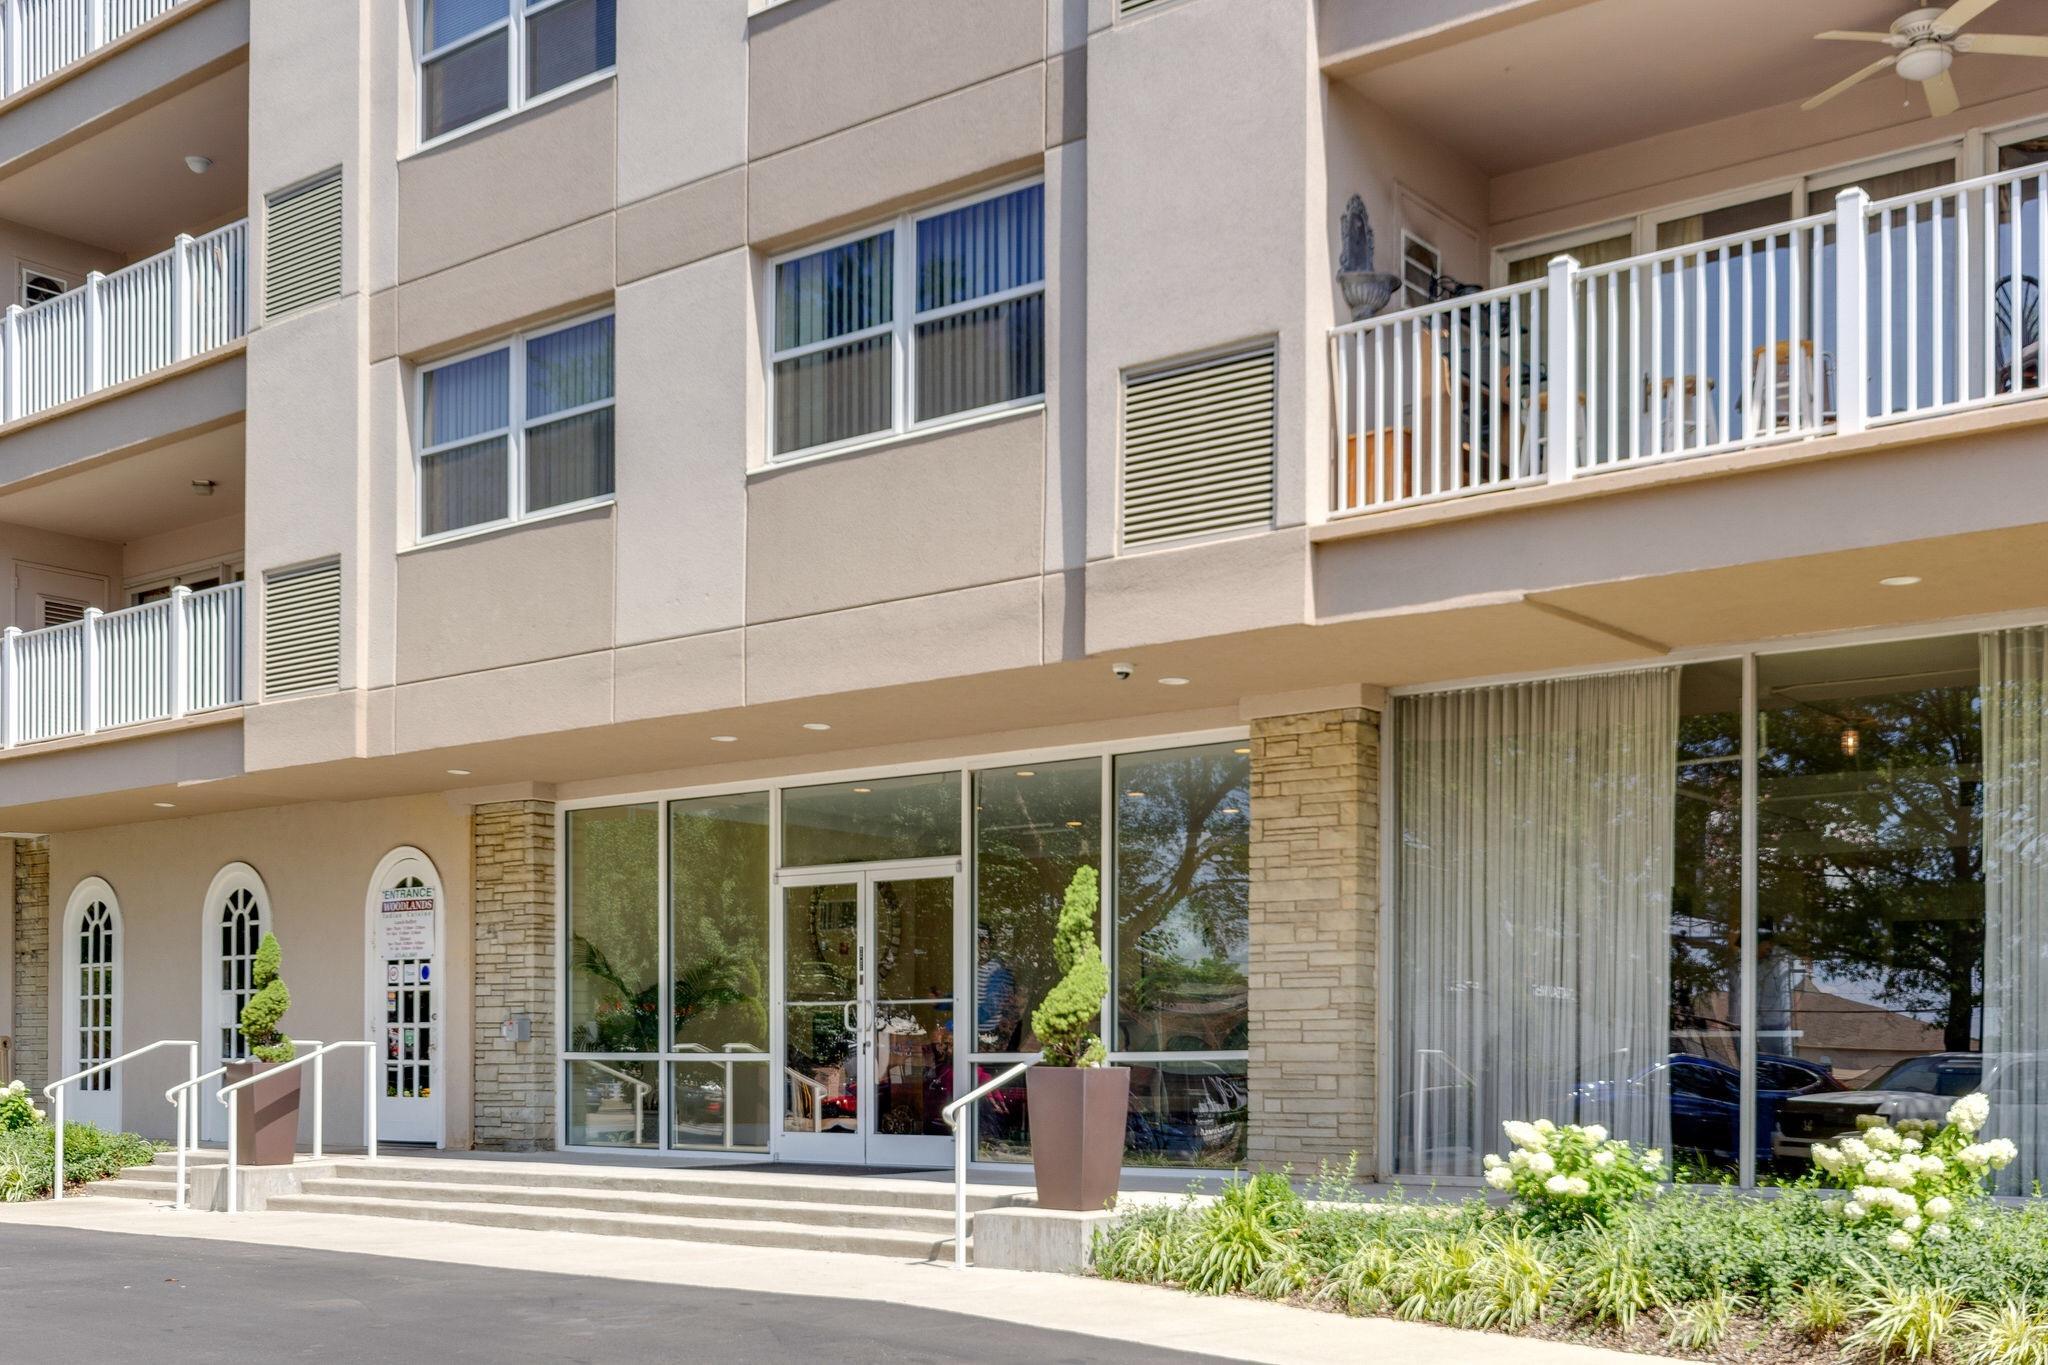 3415 W End Ave # D-1009, Nashville, TN 37203 - Nashville, TN real estate listing